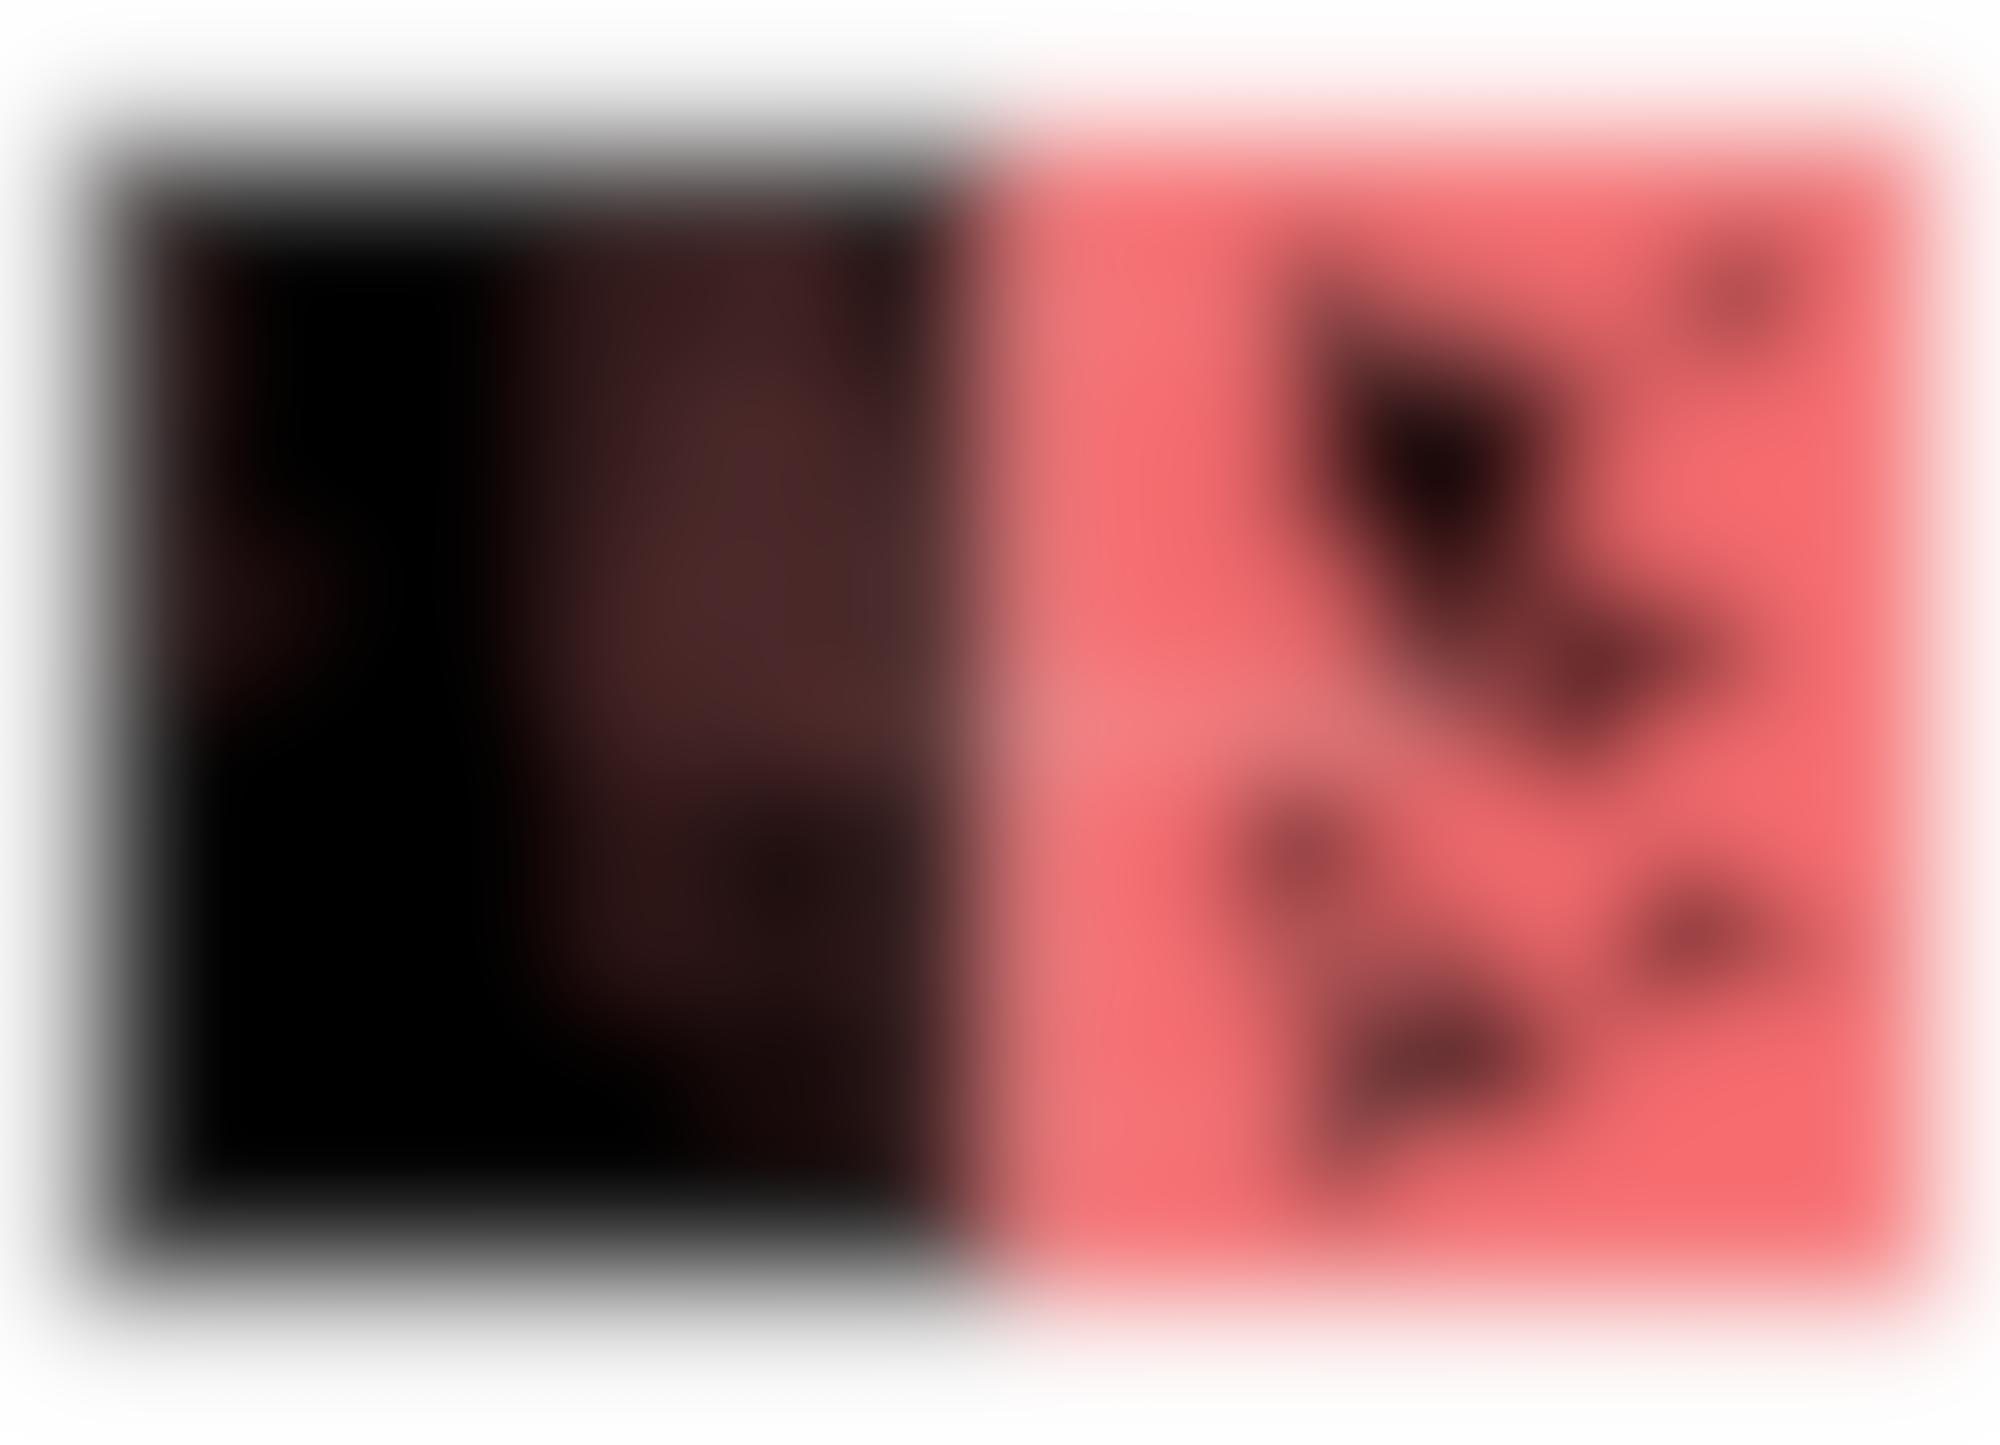 Raid 4 autocompressfitresizeixlibphp 1 1 0max h2000max w3 D2000q80s6ae310c3807f580568dede572b82bb15